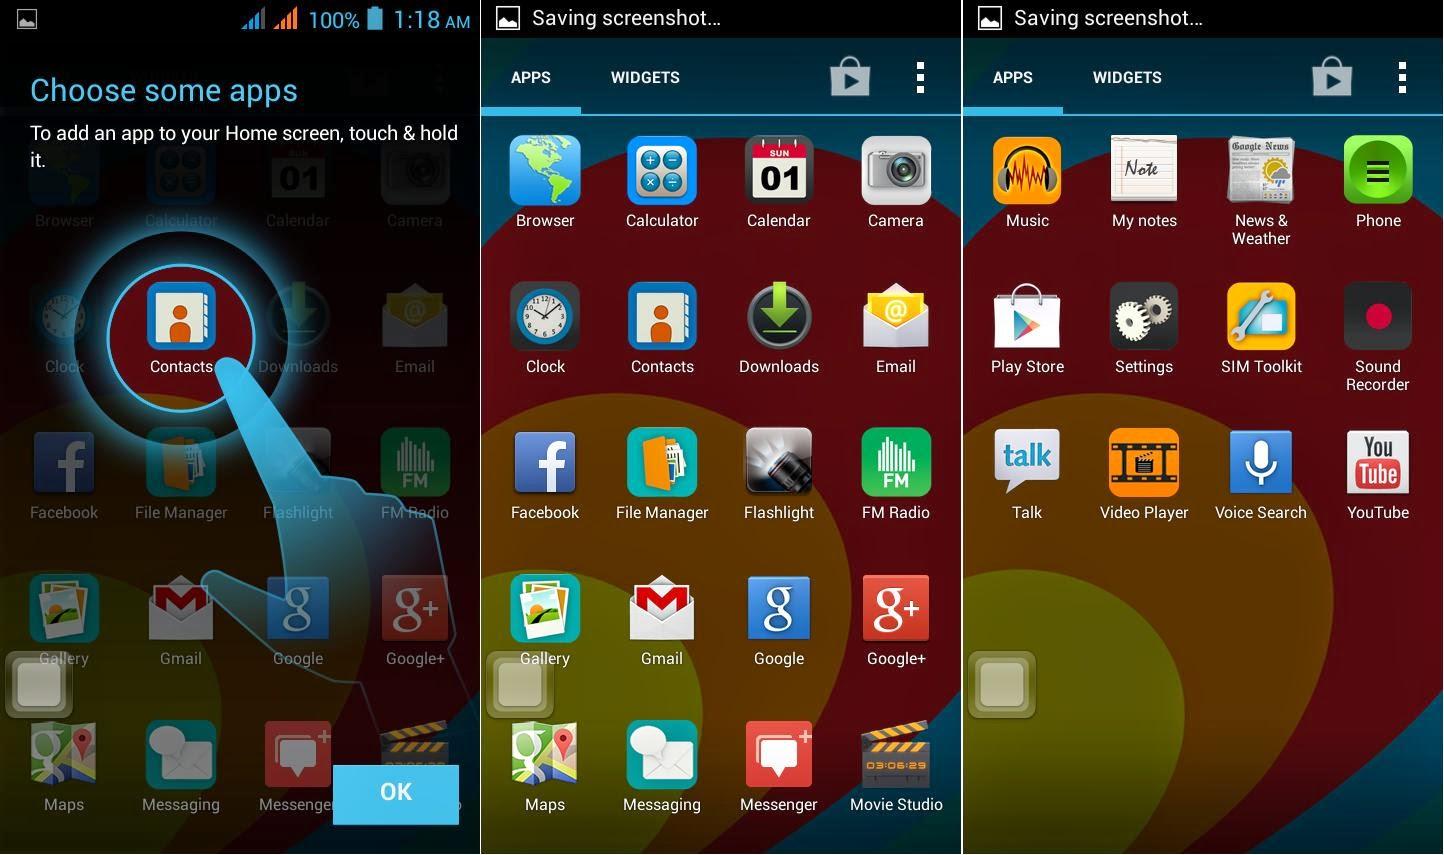 O Plus USA Fab GO Review: Big Move Default Apps